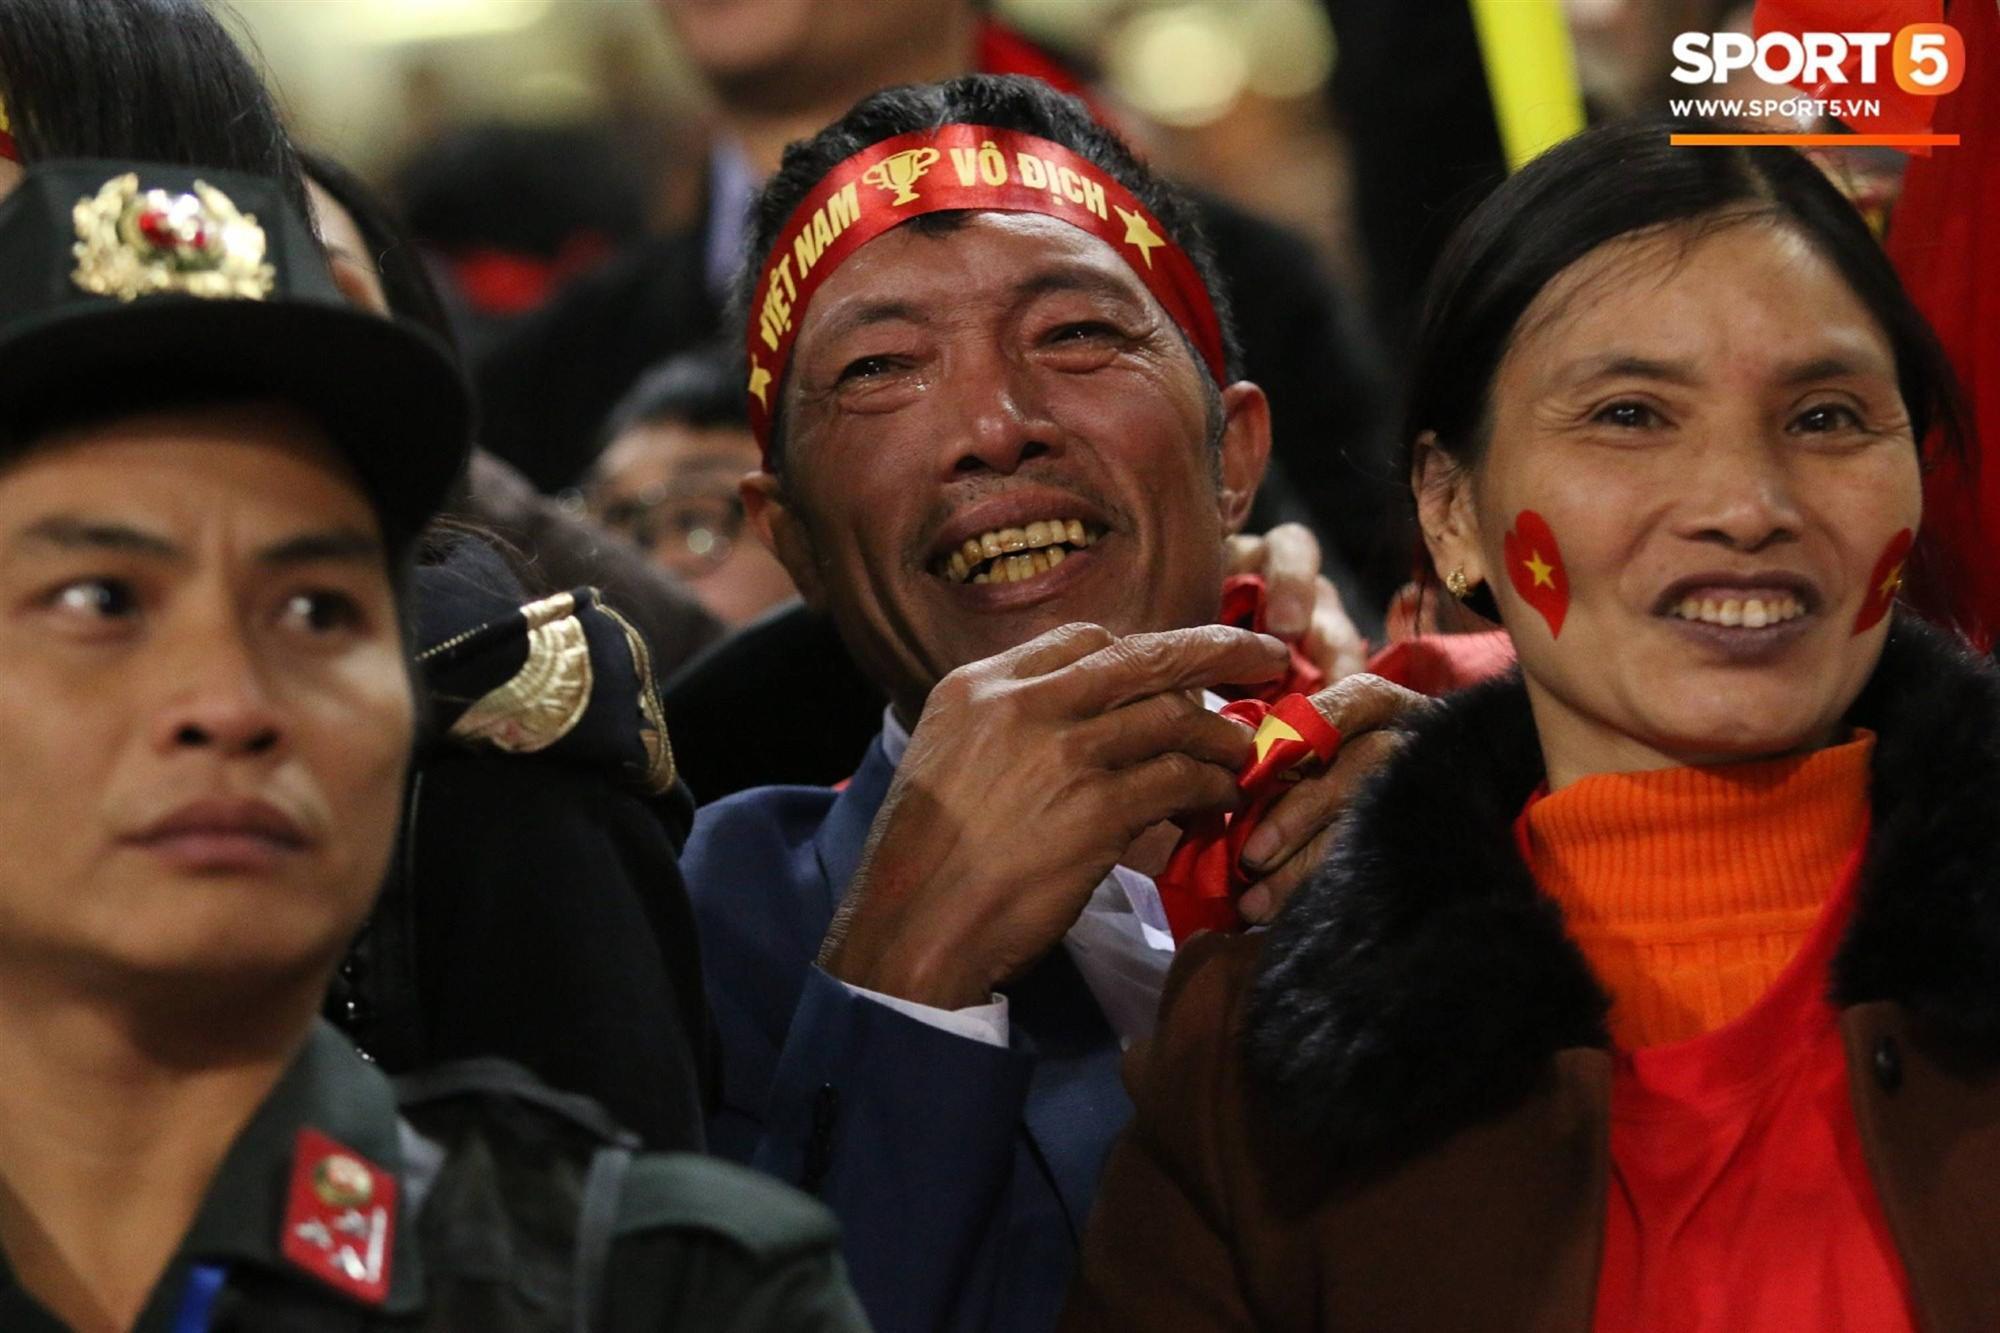 Cậu út ĐT Việt Nam bật khóc trong vòng tay bố mẹ-4